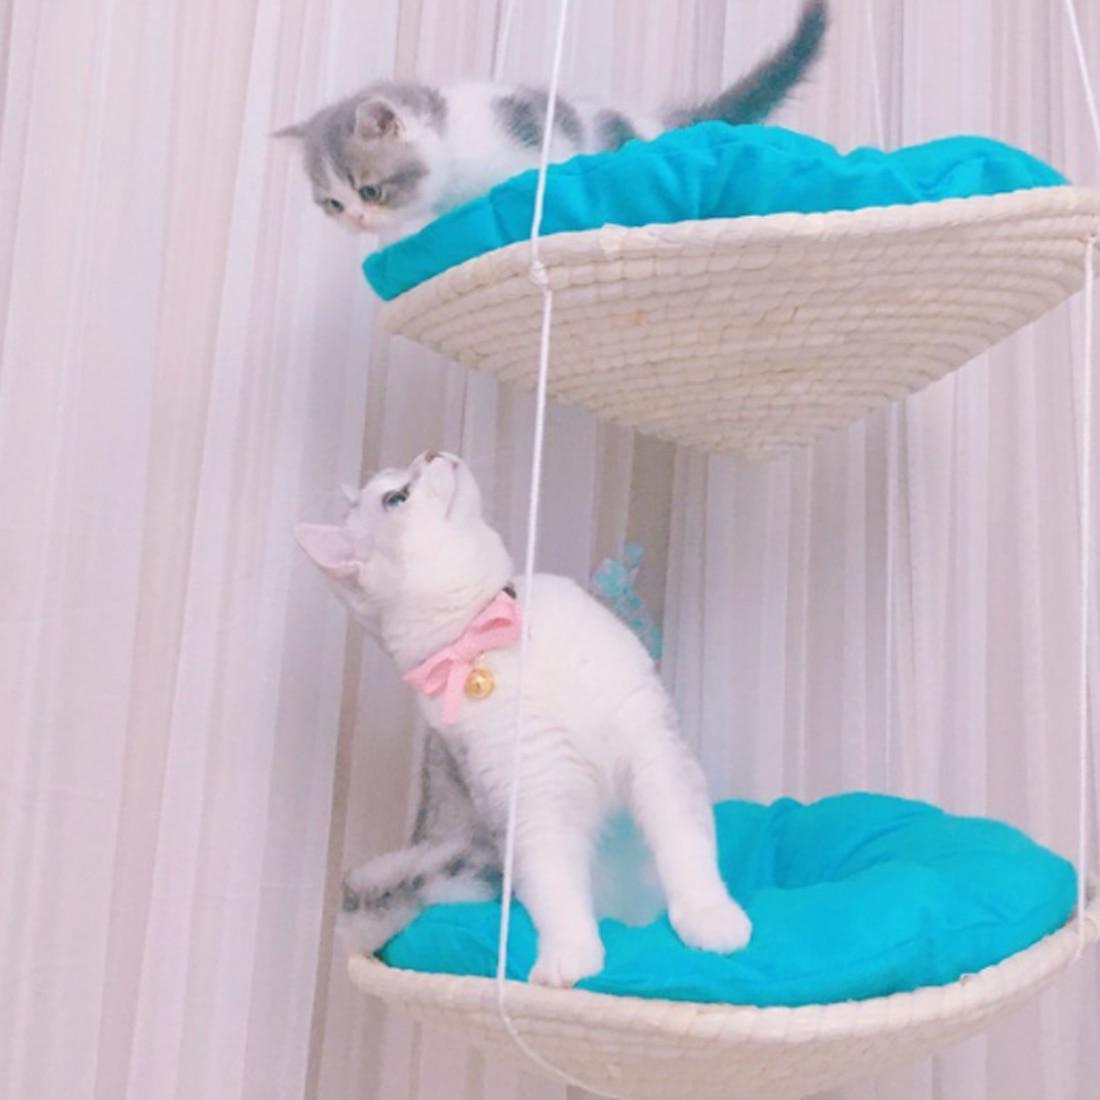 Tissé chat maison lit suspendu hamac fournitures pour animaux de compagnie pour petit Animal-2 couches bleu velours